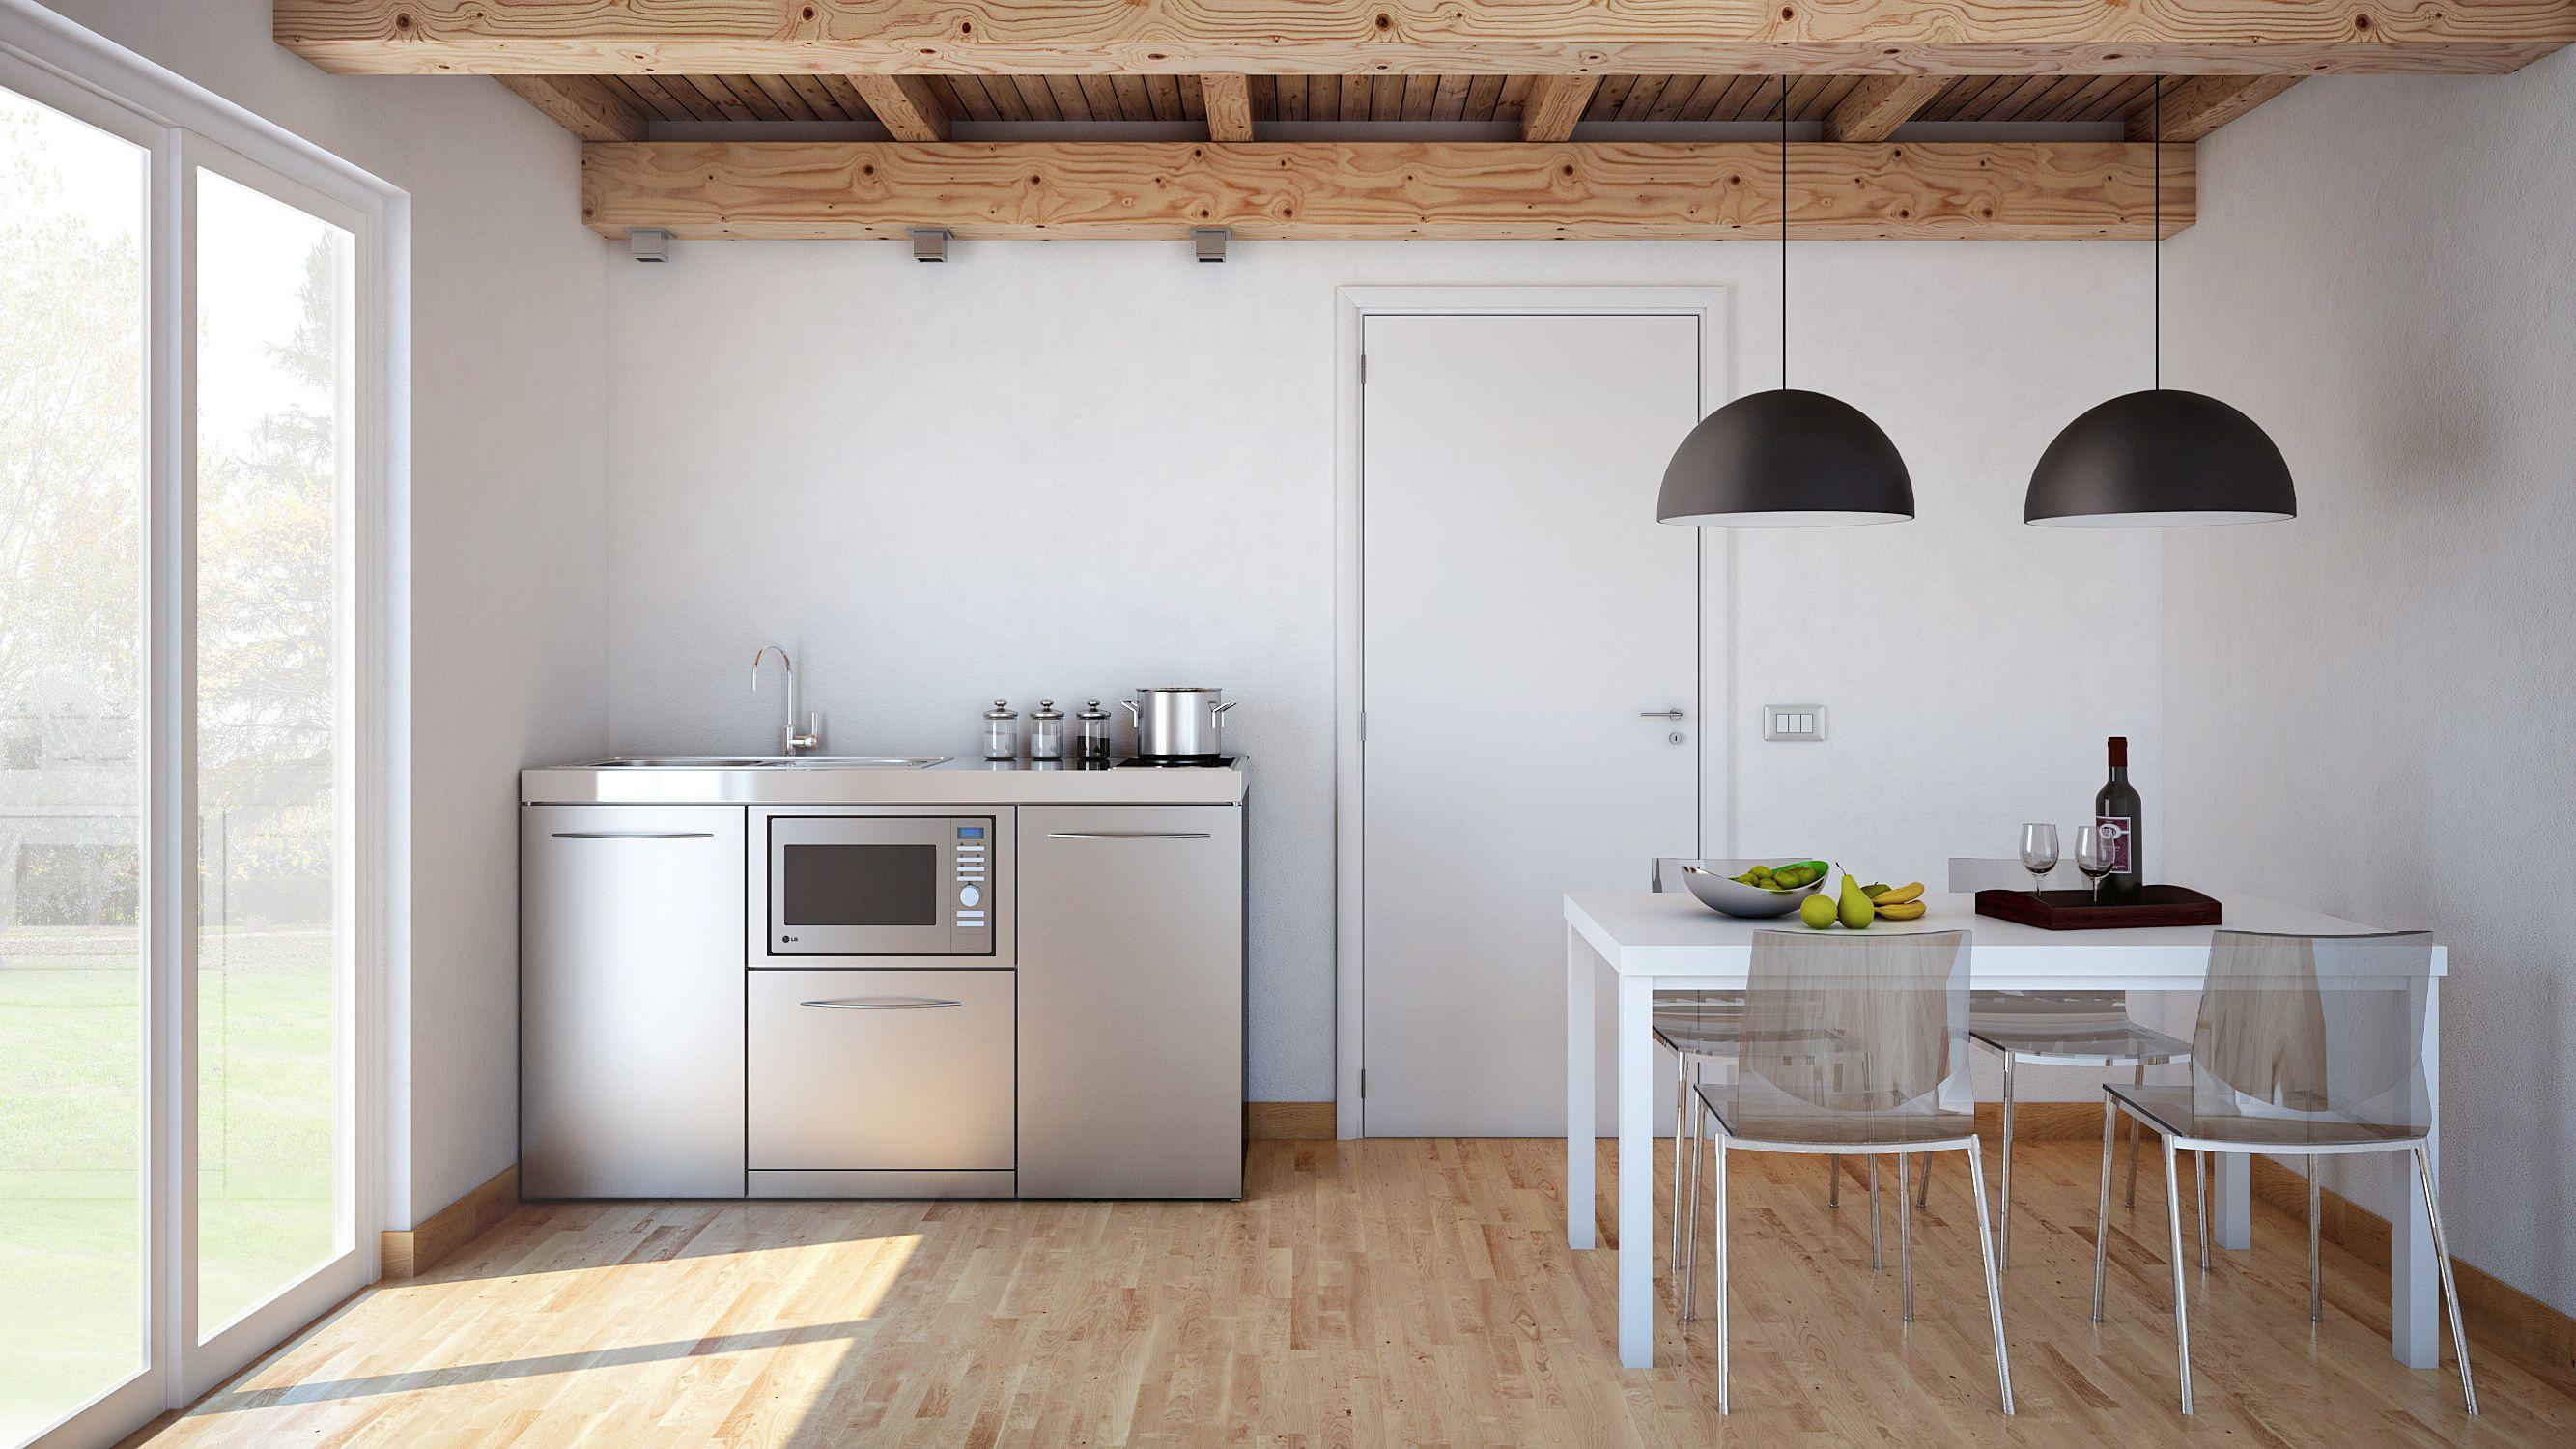 Mini cucina jolly salvaspazio dalle funzioni dichiarate o